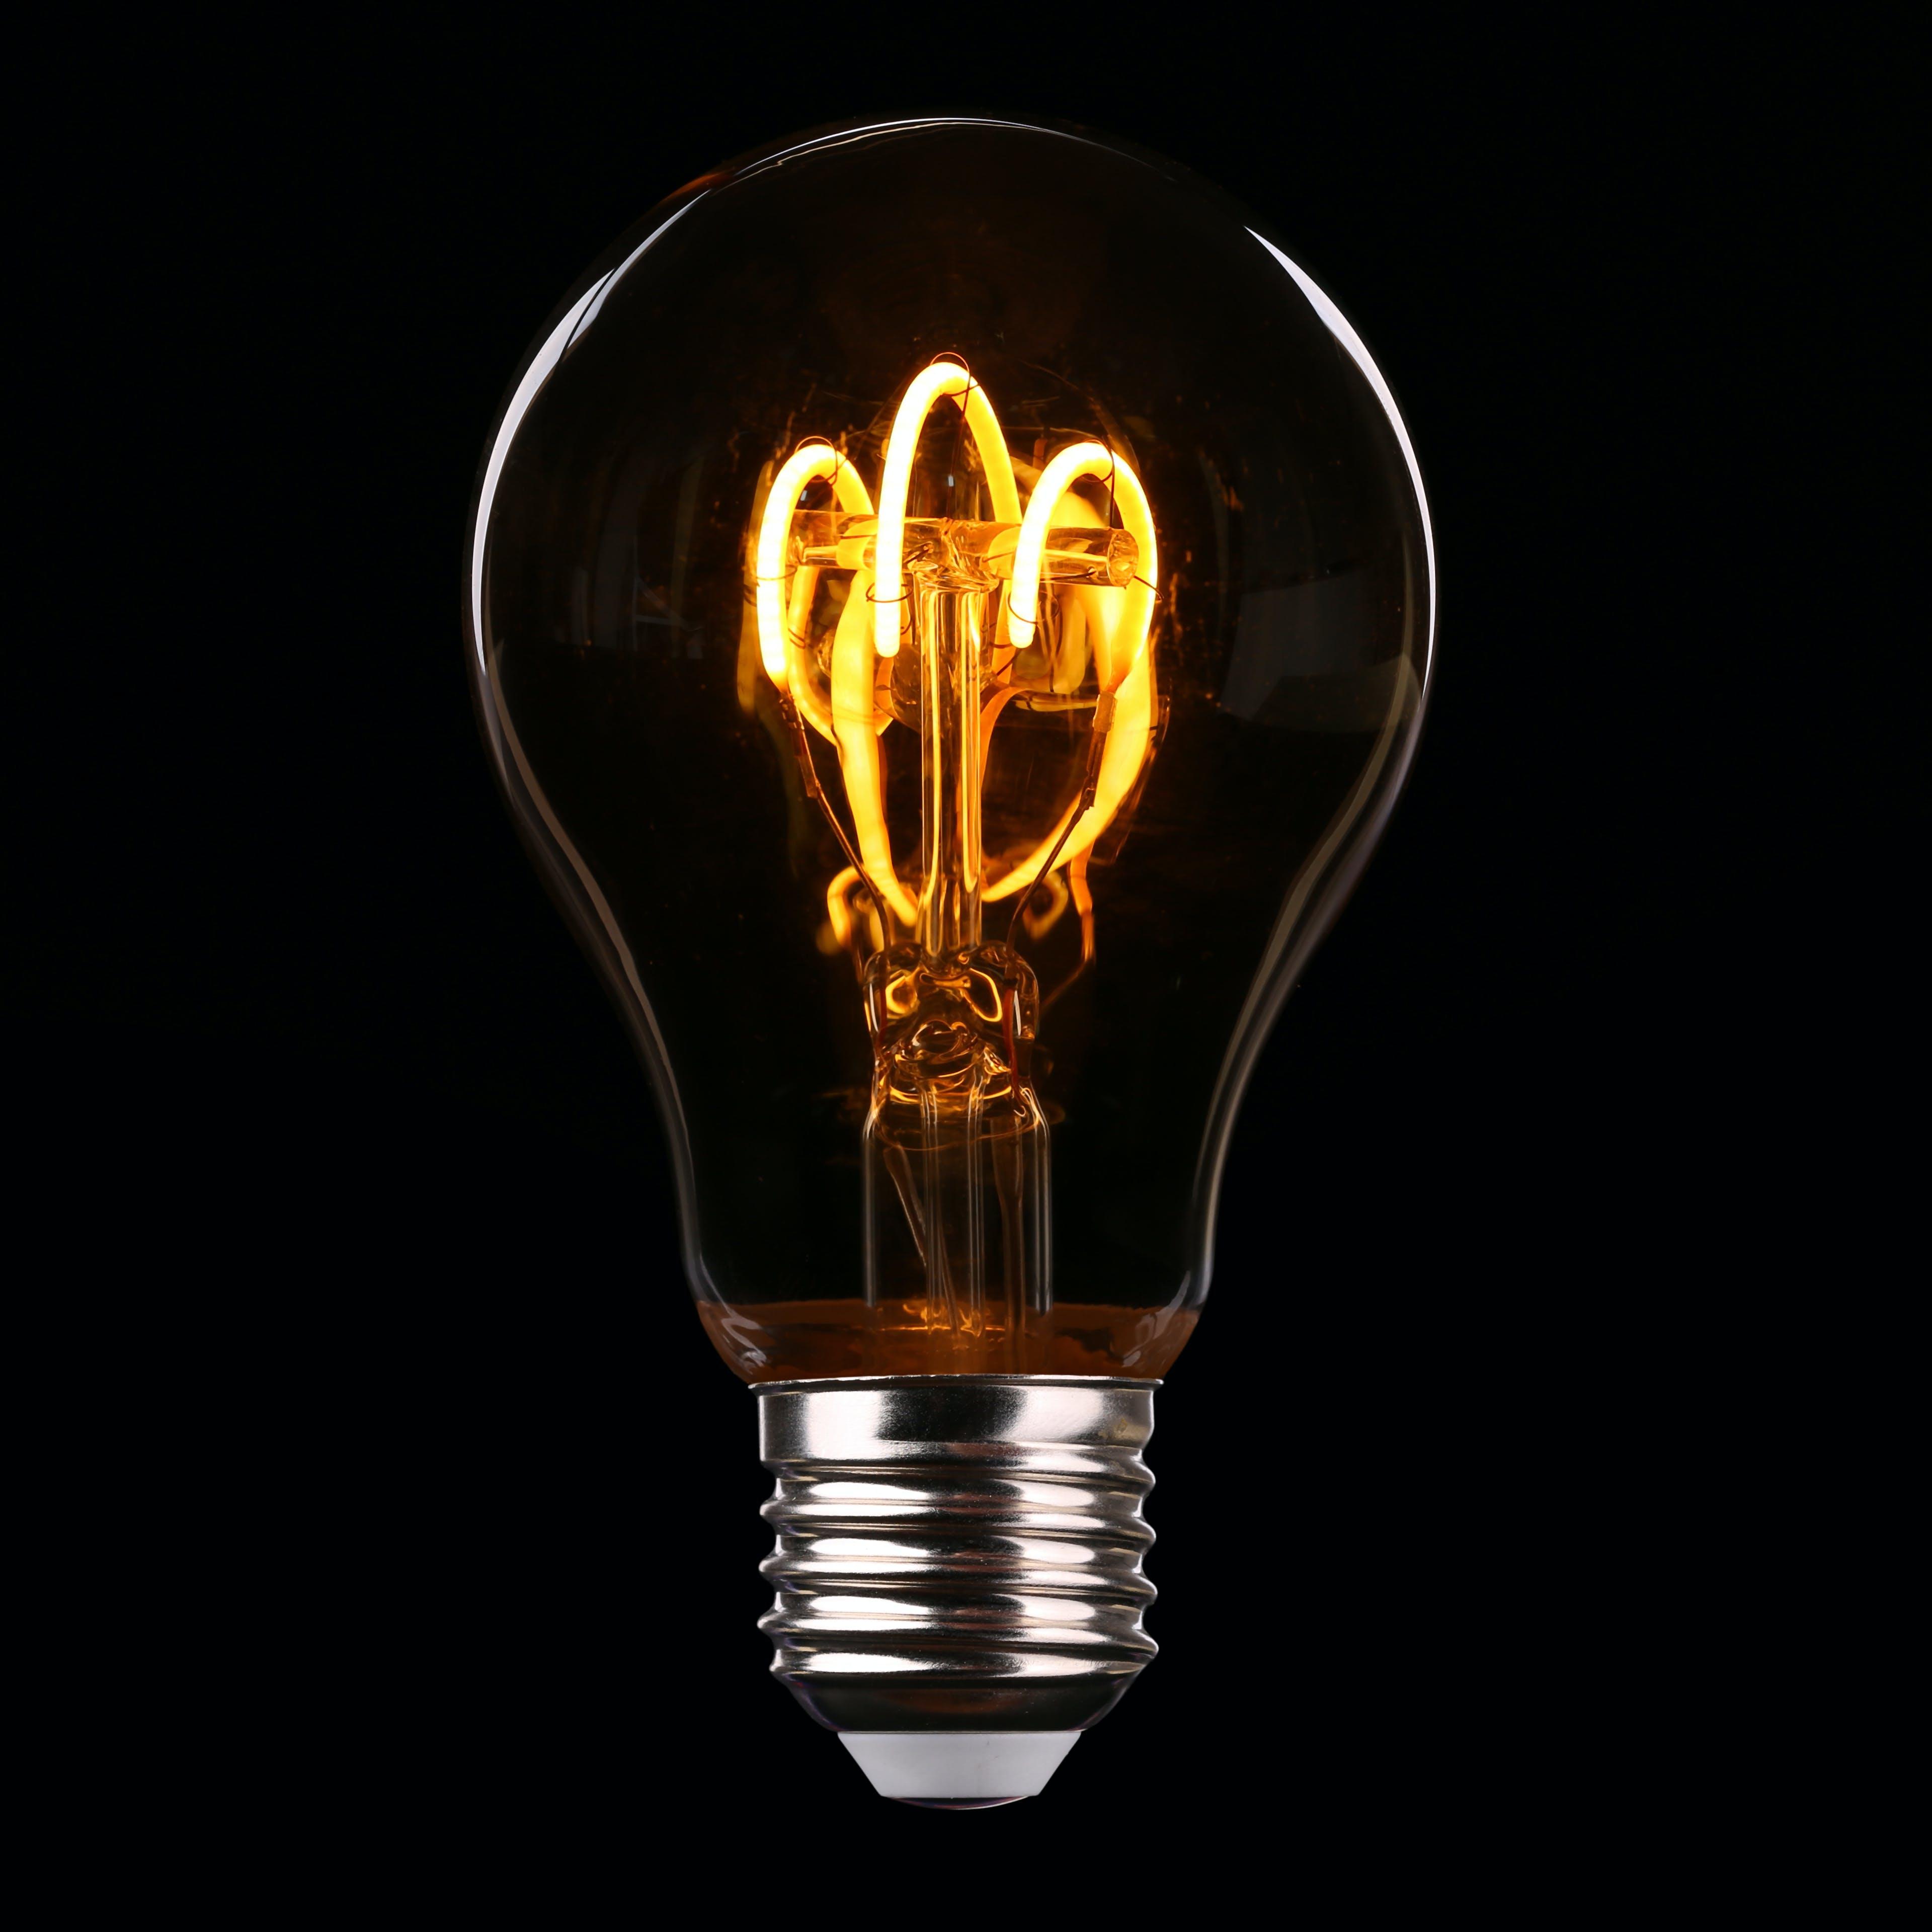 Kostenloses Stock Foto zu licht, glühbirne, idee, energie